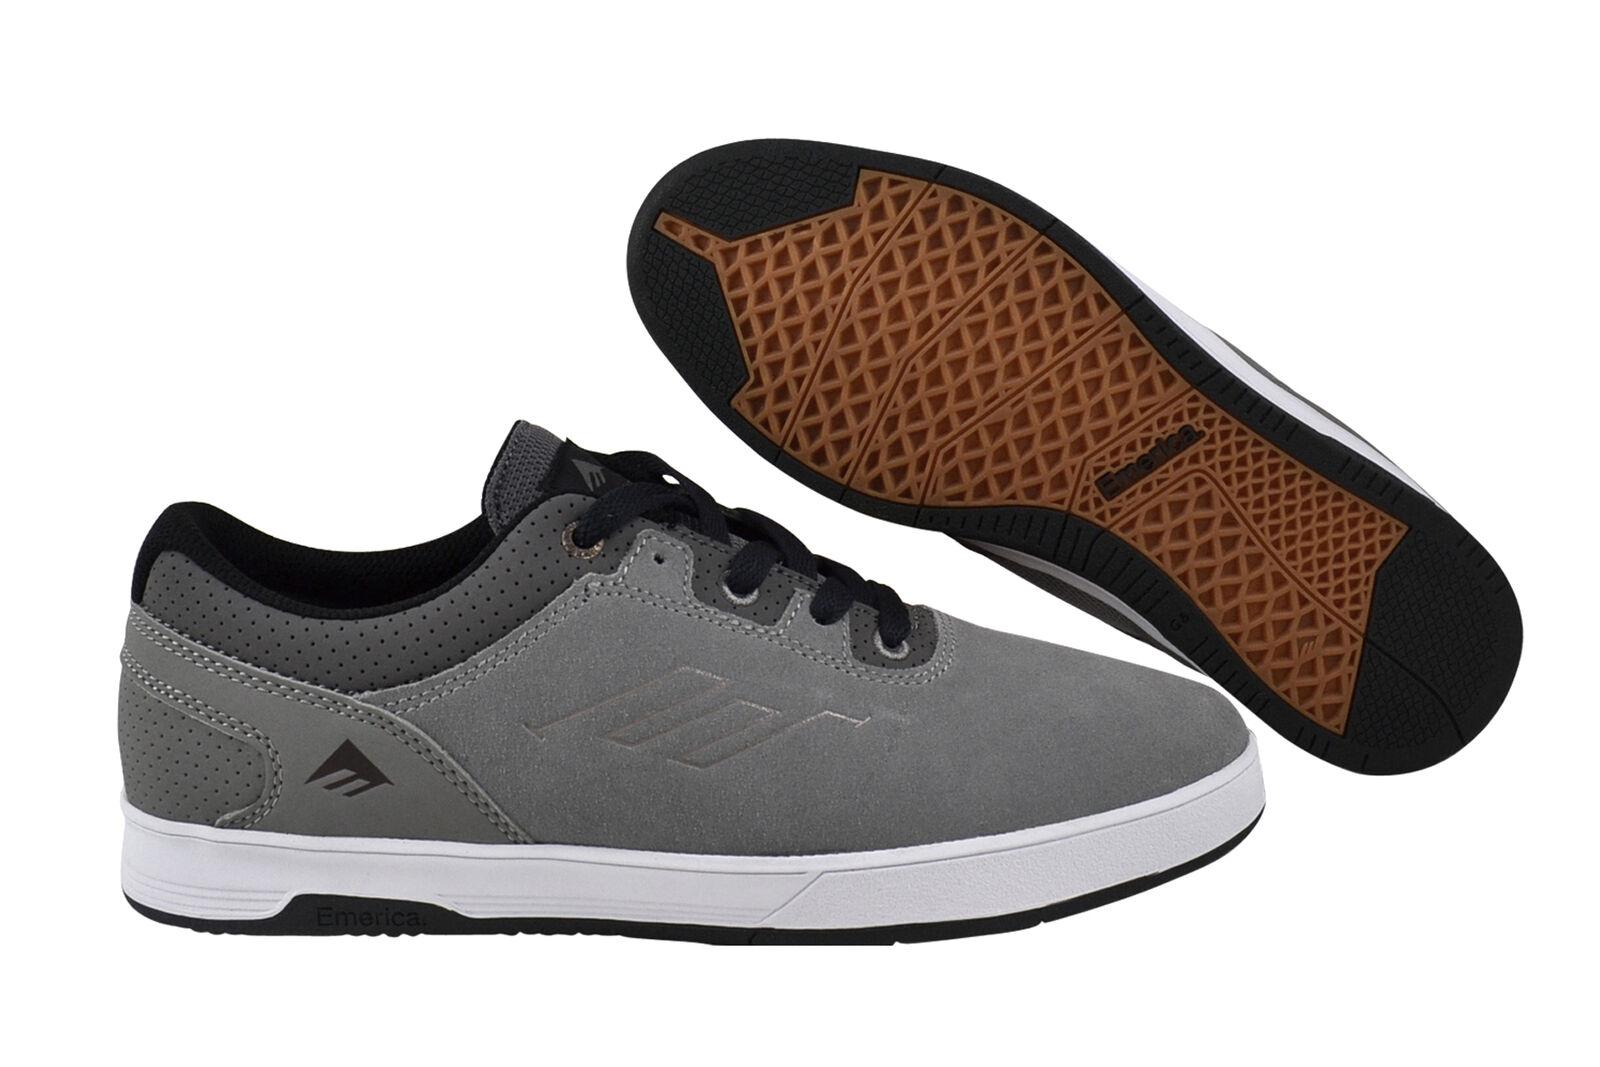 Emerica Schuhe Westgate CC Grau Turnschuhe Schuhe Emerica grau ace478